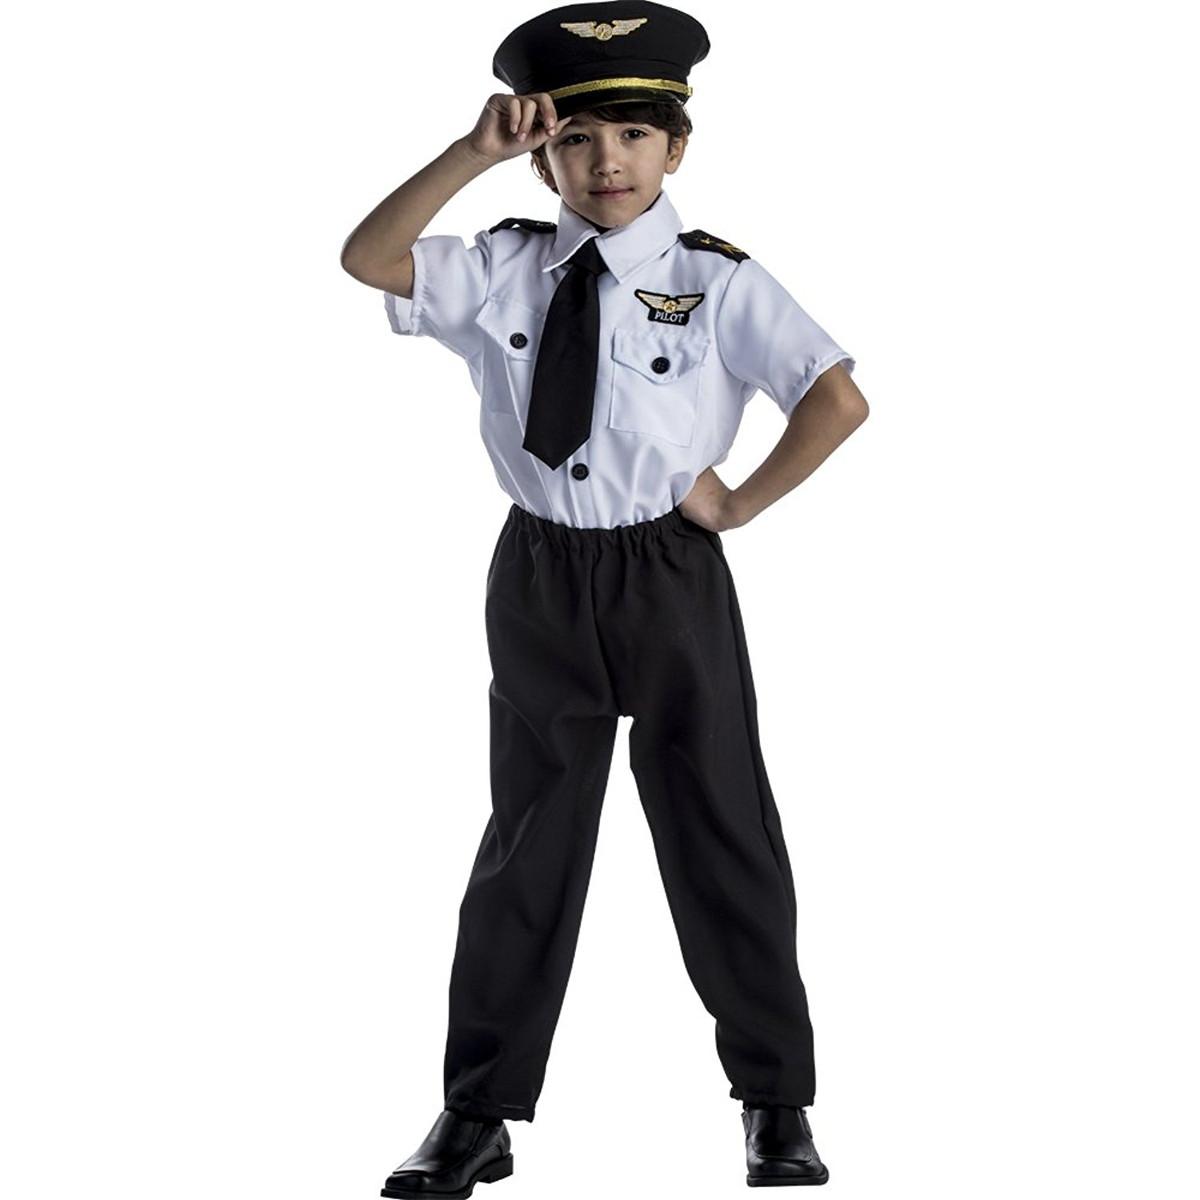 パイロット 制服 衣装 半袖 子供 男の子用 キッズ コスプレ コスチューム シャツ ズボン 帽子 3点セット